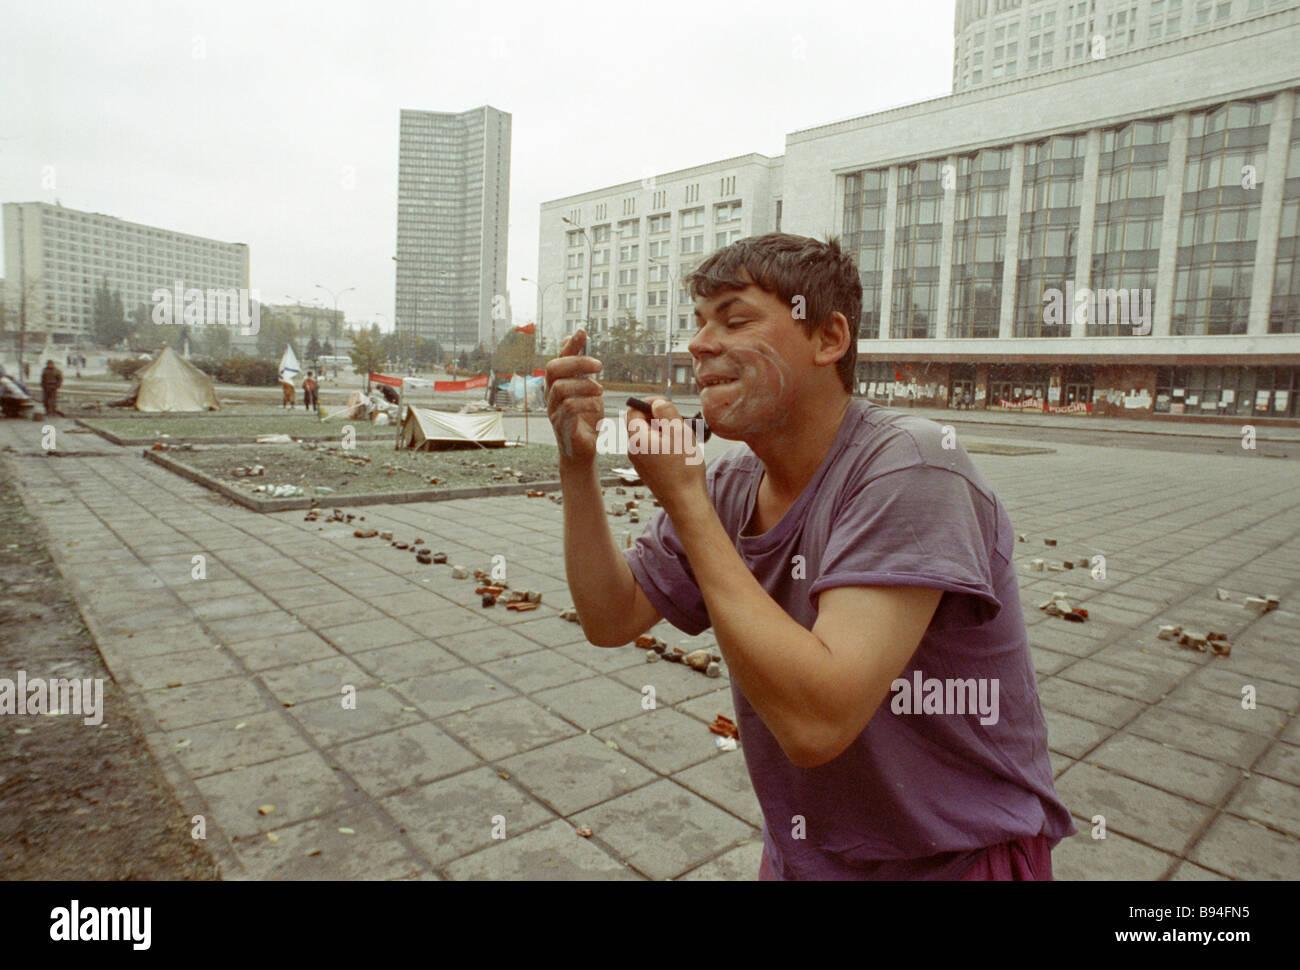 La RF Conseil suprême défenseur se rase dans la rue près de la Maison Blanche Photo Stock